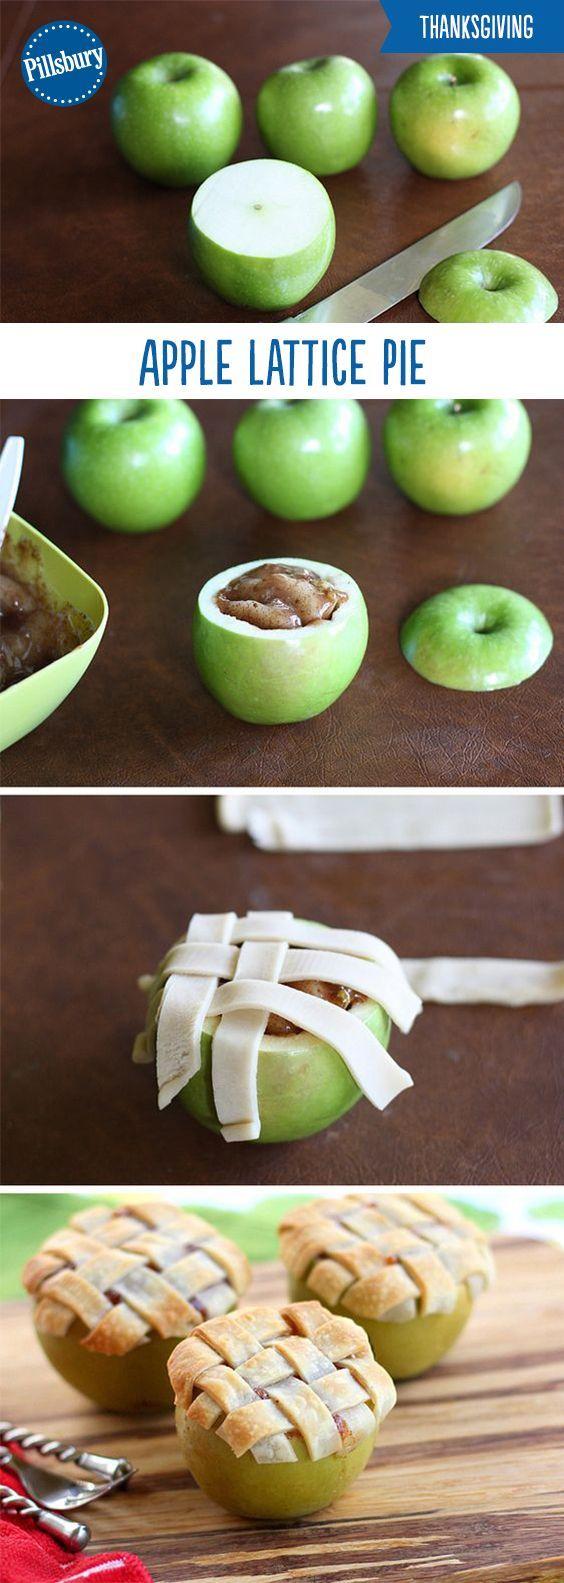 Apple Lattice Pie Baked in an Apple #thanksgivingfood